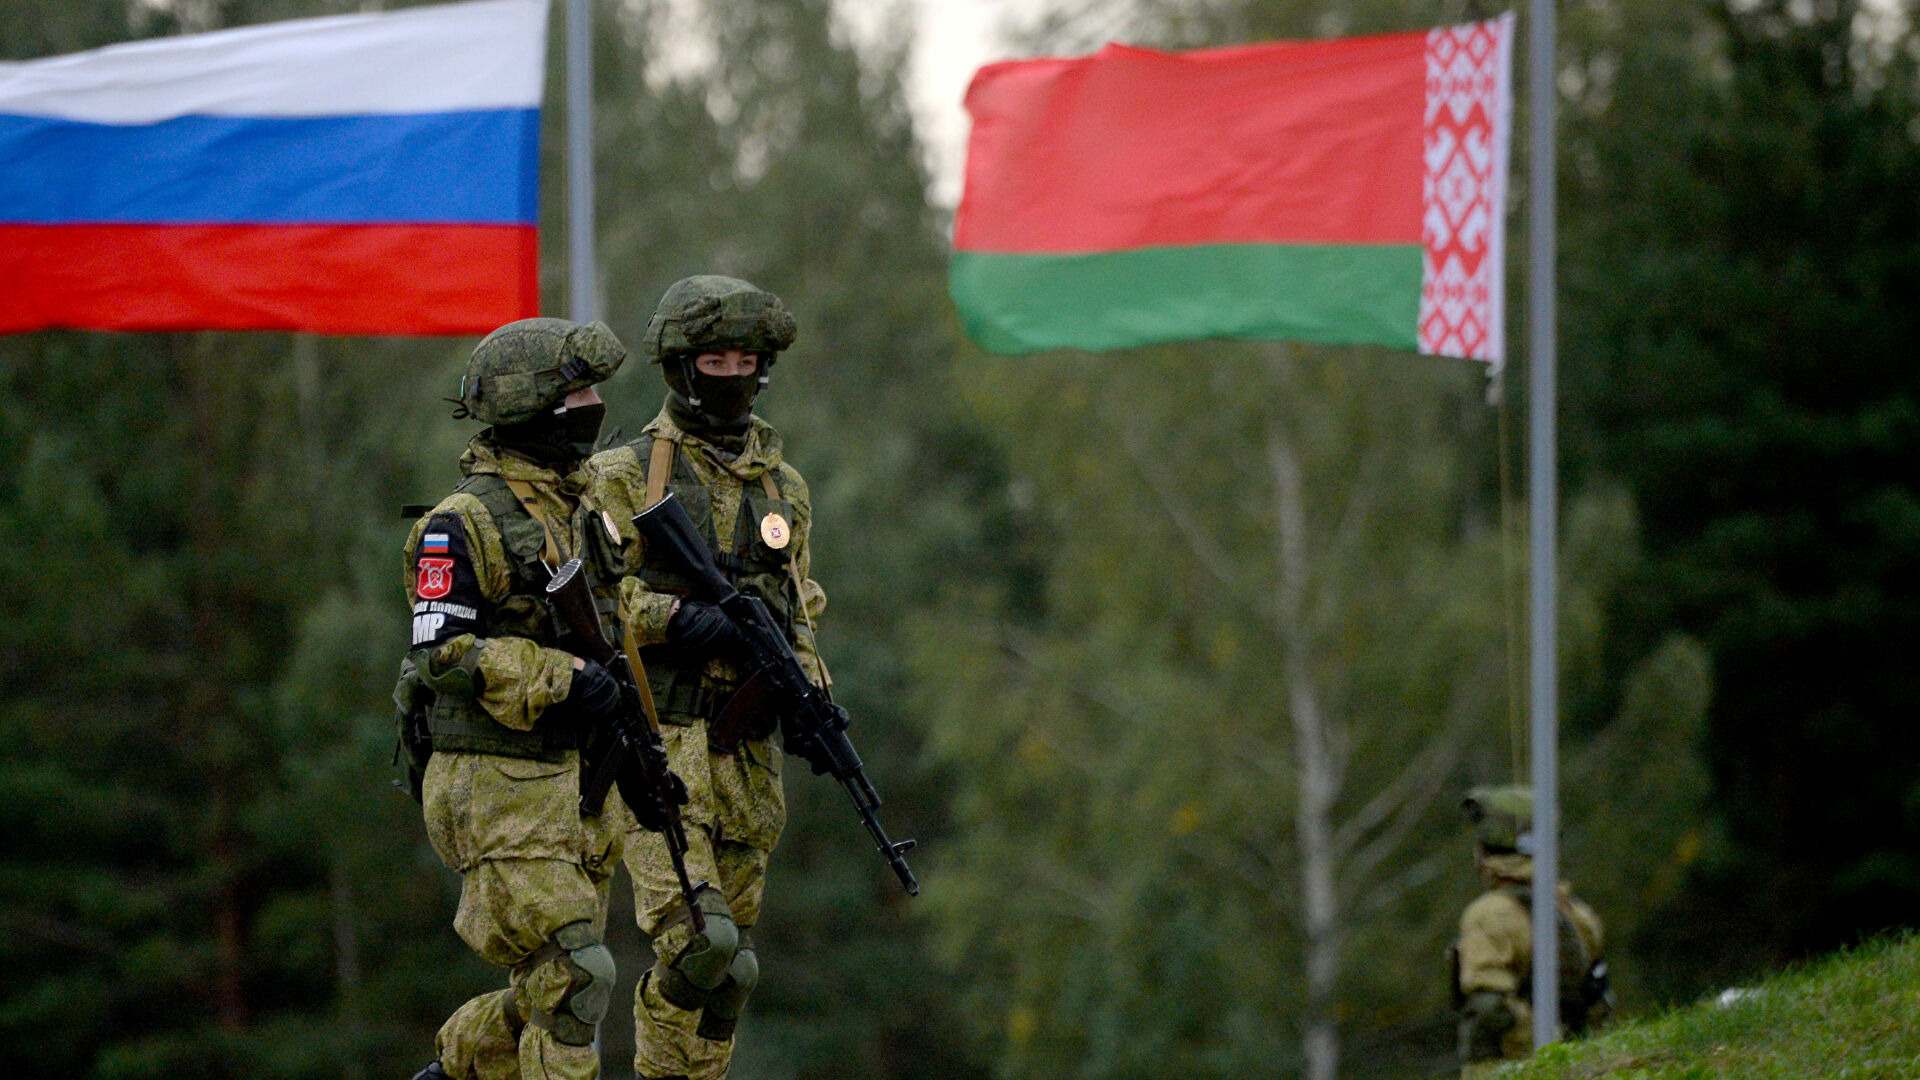 «Запад-2021», выборы в Госдуму и обострения борьбы между башнями Кремля: внешние информационные угрозы нового сезона